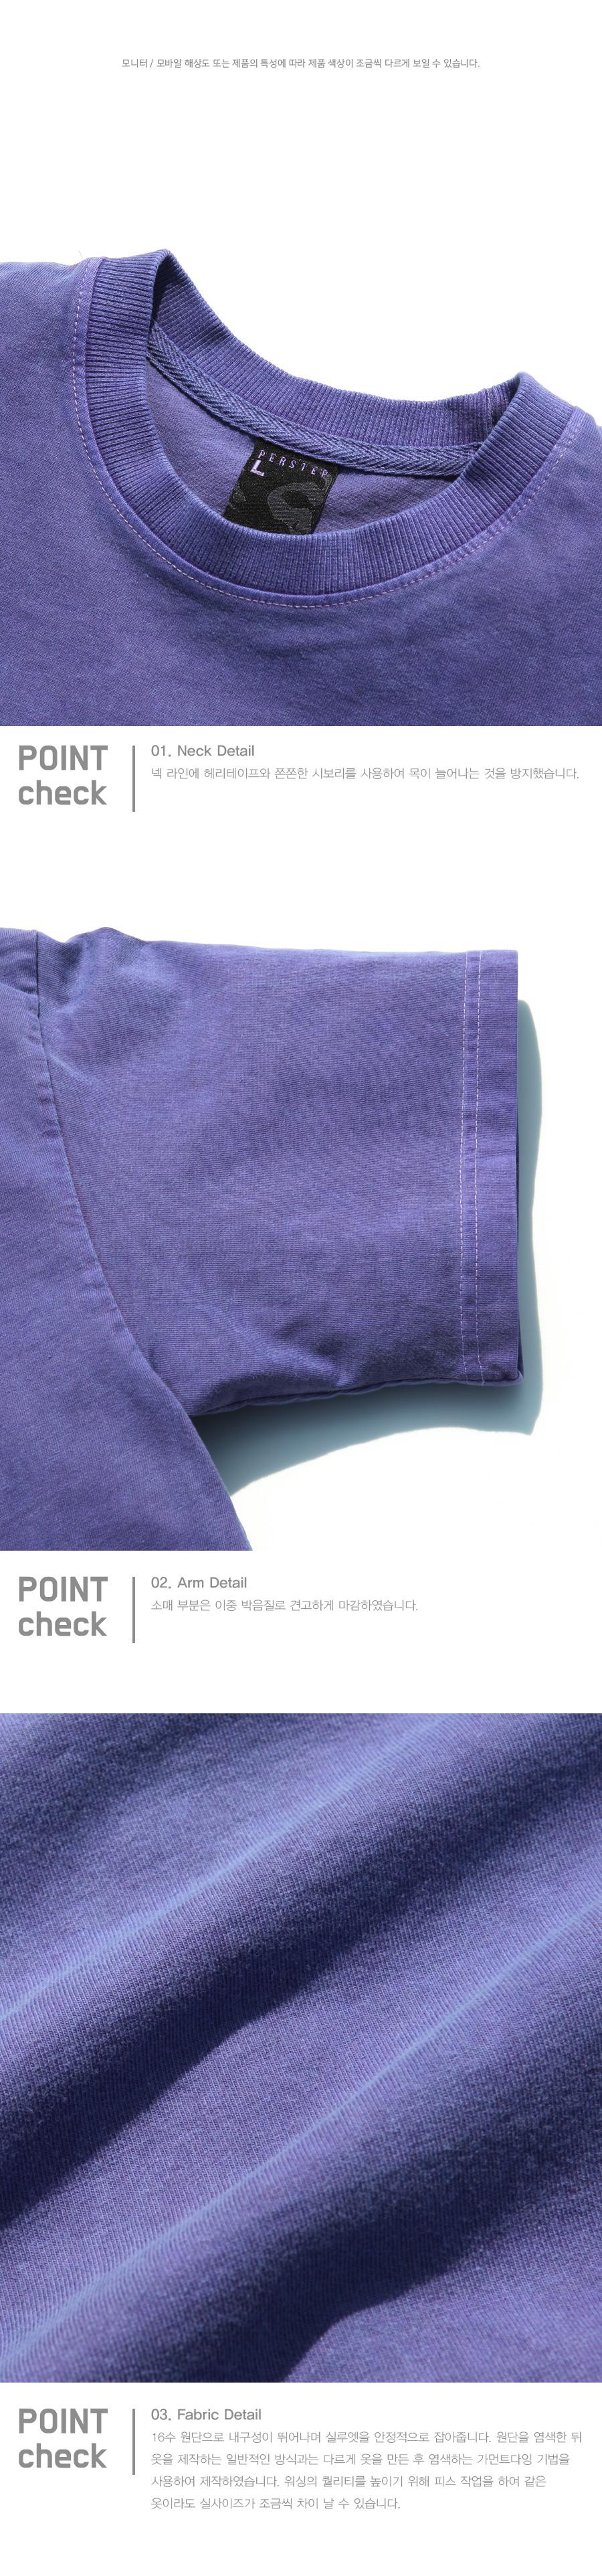 4258_detail_purple_uk_02.jpg